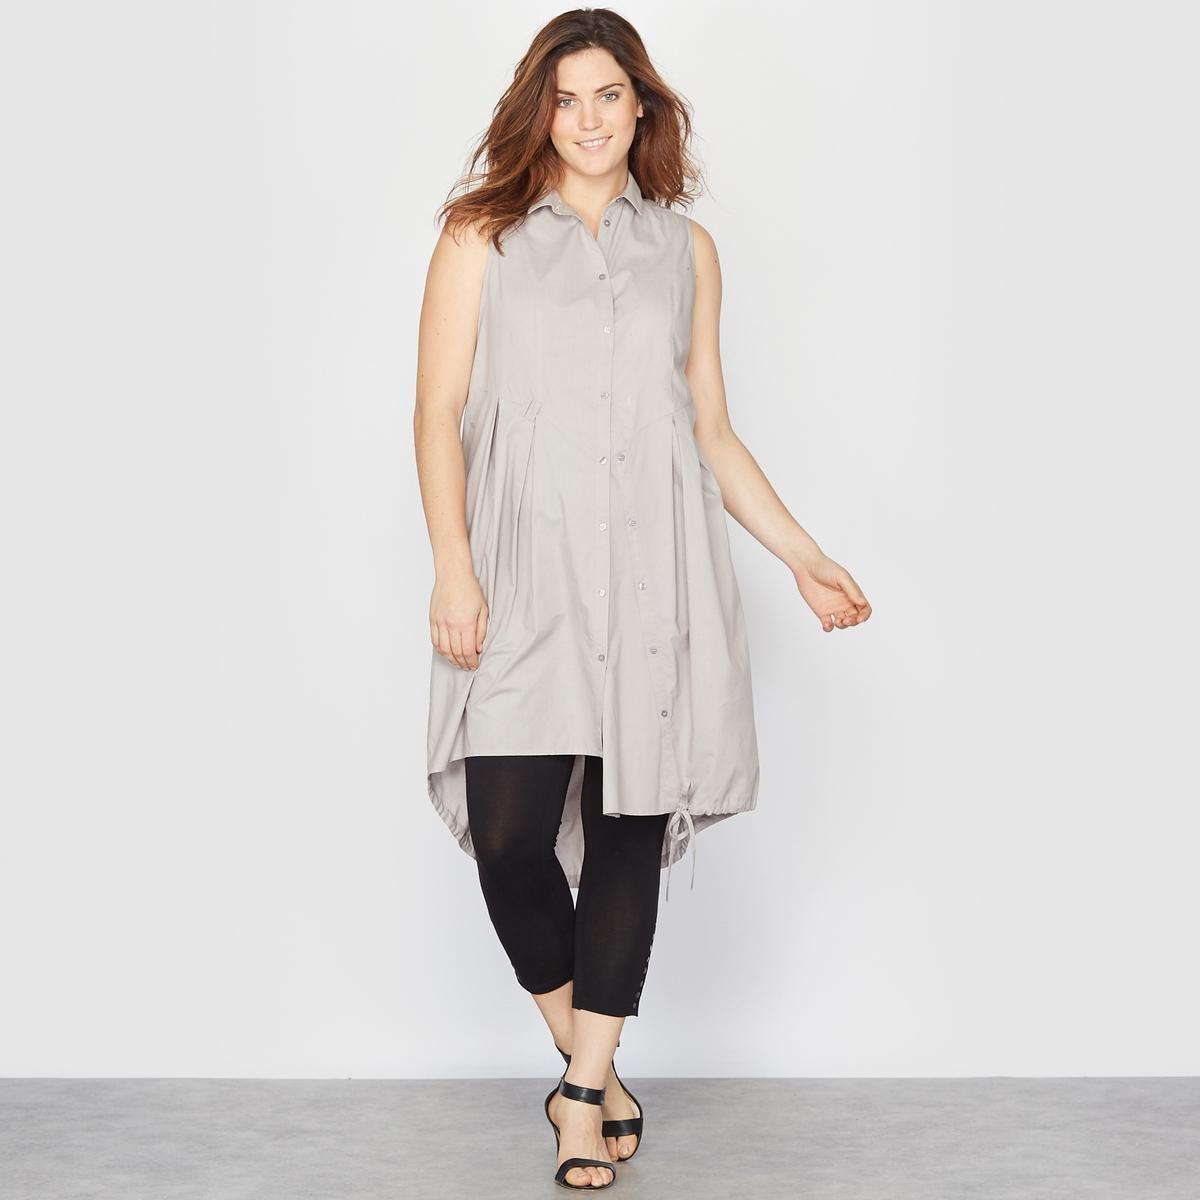 РубашкаРубашка без рукавов. Длинная рубашка идеально подойдёт к леггинсам! Асимметричная застёжка на пуговицы спереди. 100% хлопка. Длина 100 см.<br><br>Цвет: серый<br>Размер: 46 (FR) - 52 (RUS)